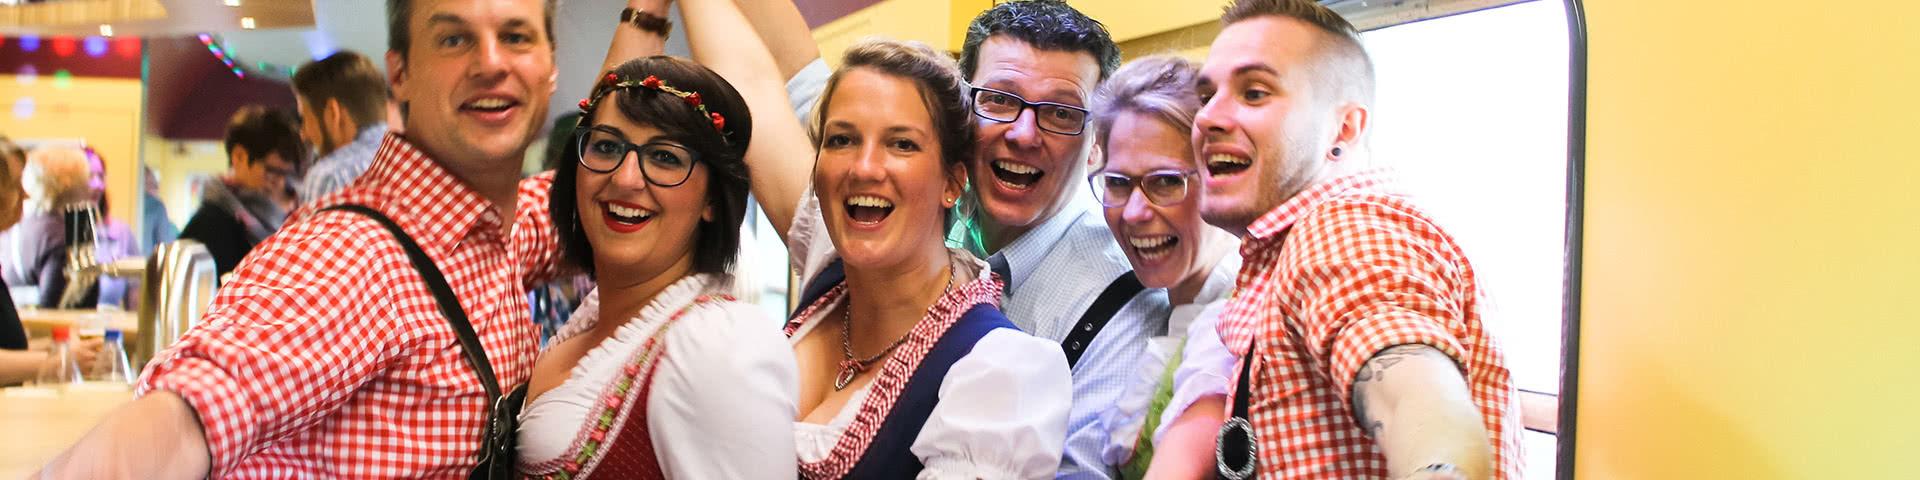 Fröhliche Gruppe in Tracht auf der Oktoberfest-Bootparty in Köln